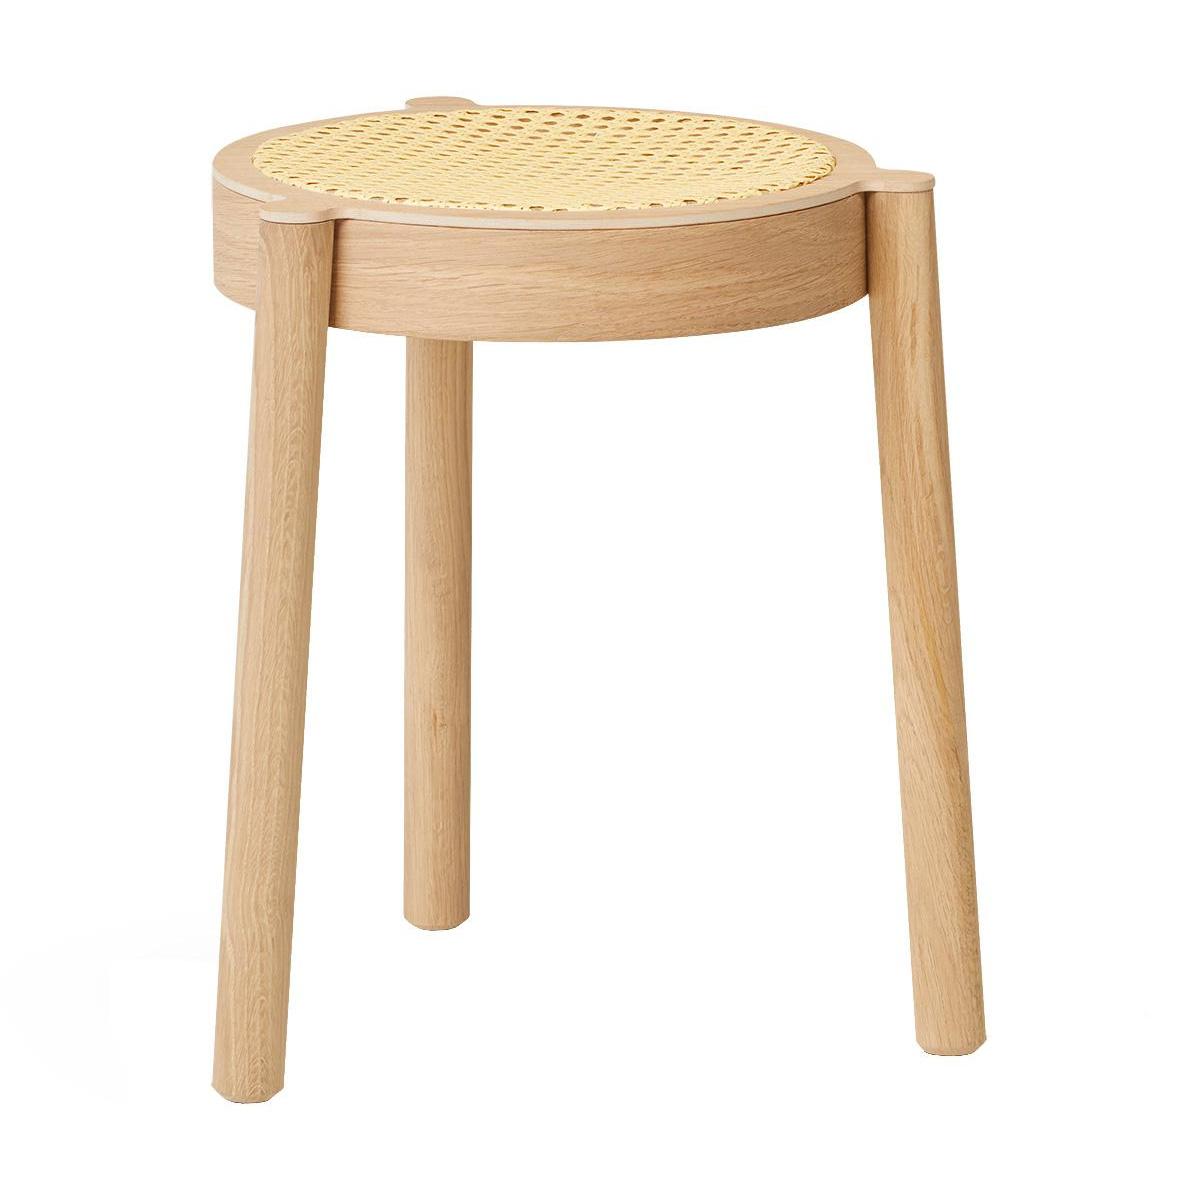 Northern - Pal Hocker Rohgeflecht - natur/Eiche leicht geölt/Sitzfläche Rohgeflecht/H 46cm / Ø 37cm | Wohnzimmer > Hocker & Poufs > Sitzhocker | Northern